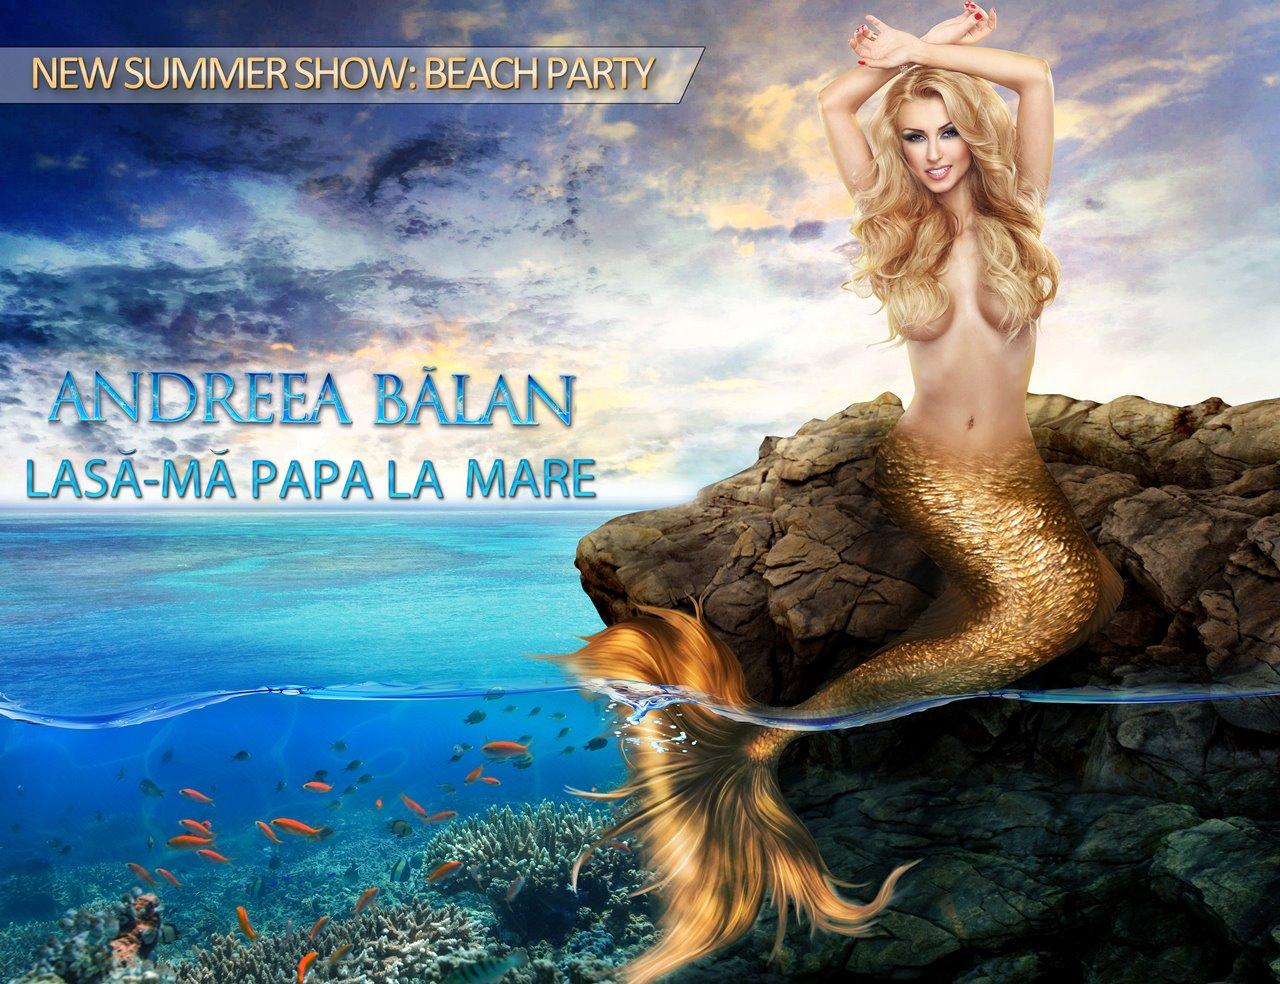 http://4.bp.blogspot.com/-yREyj_rDweU/T6v5CtfwGYI/AAAAAAAABhM/MbERa9uRMfE/s1600/Andreea+Balan+-+Lasa-ma+papa+la+mare.jpg